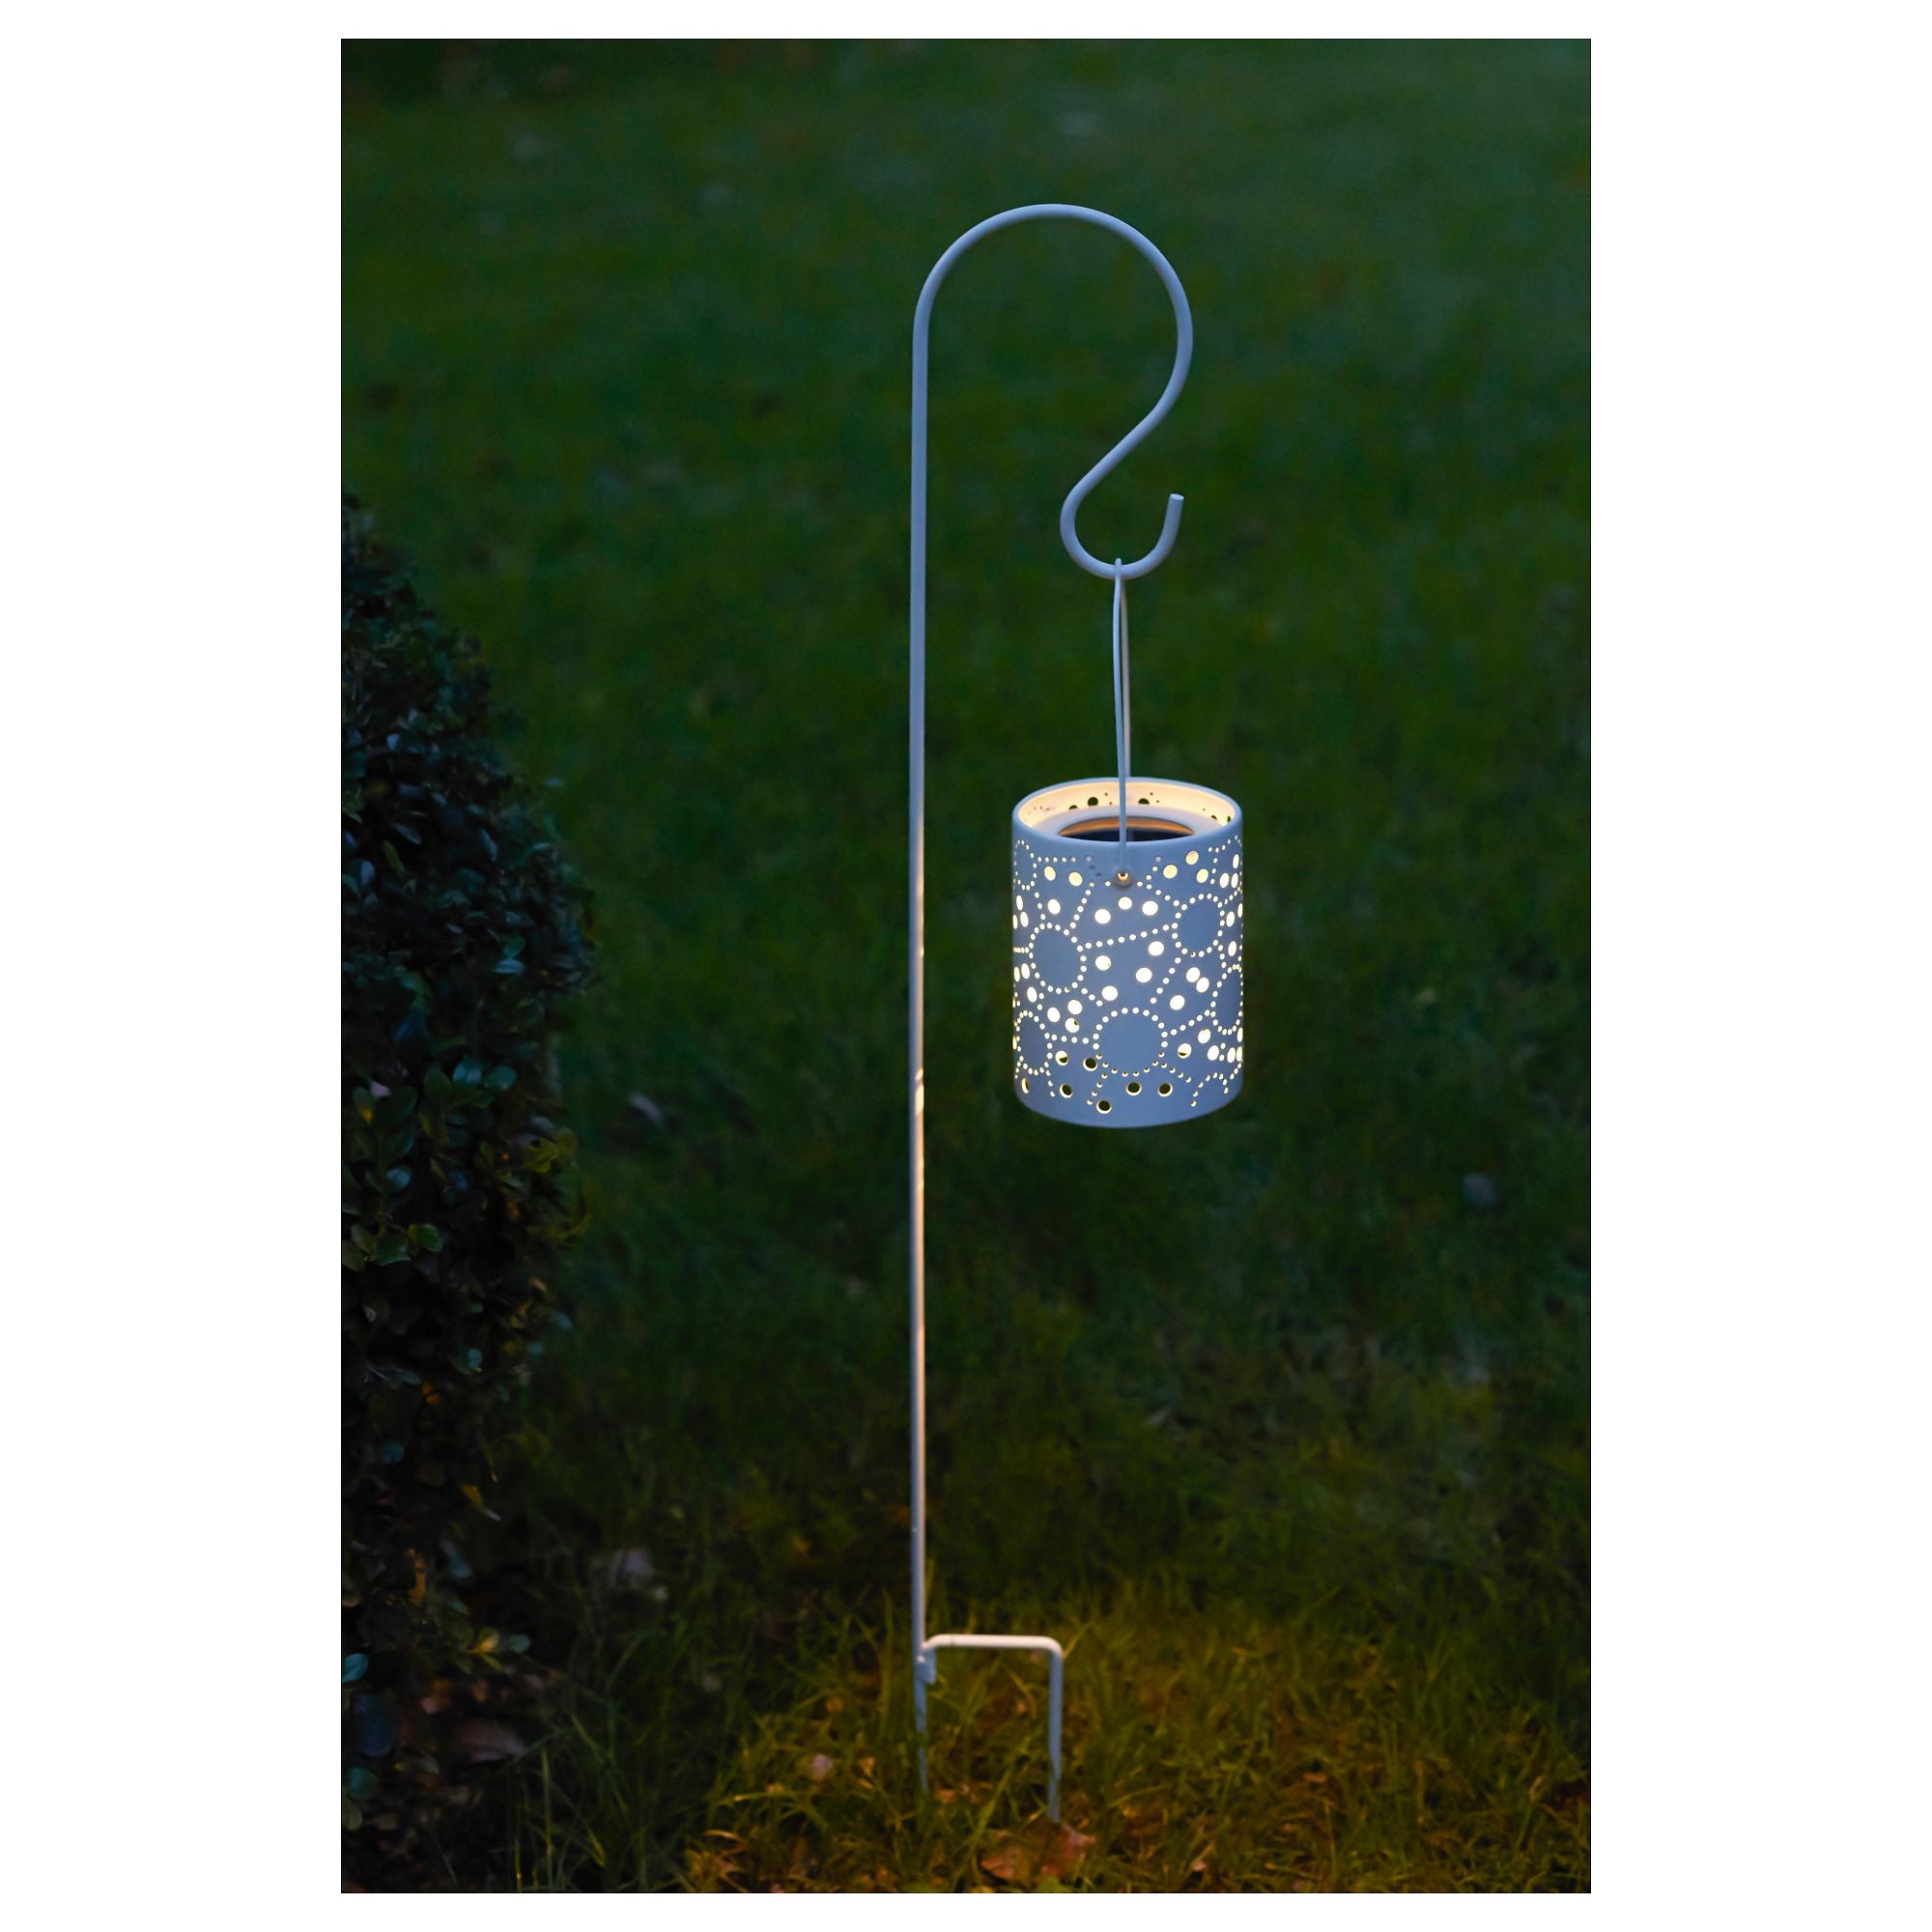 Светодиодный фонарь/солнечн батарея СОЛВИДЕН белый артикуль № 203.406.16 в наличии. Онлайн сайт IKEA Минск. Недорогая доставка и монтаж.